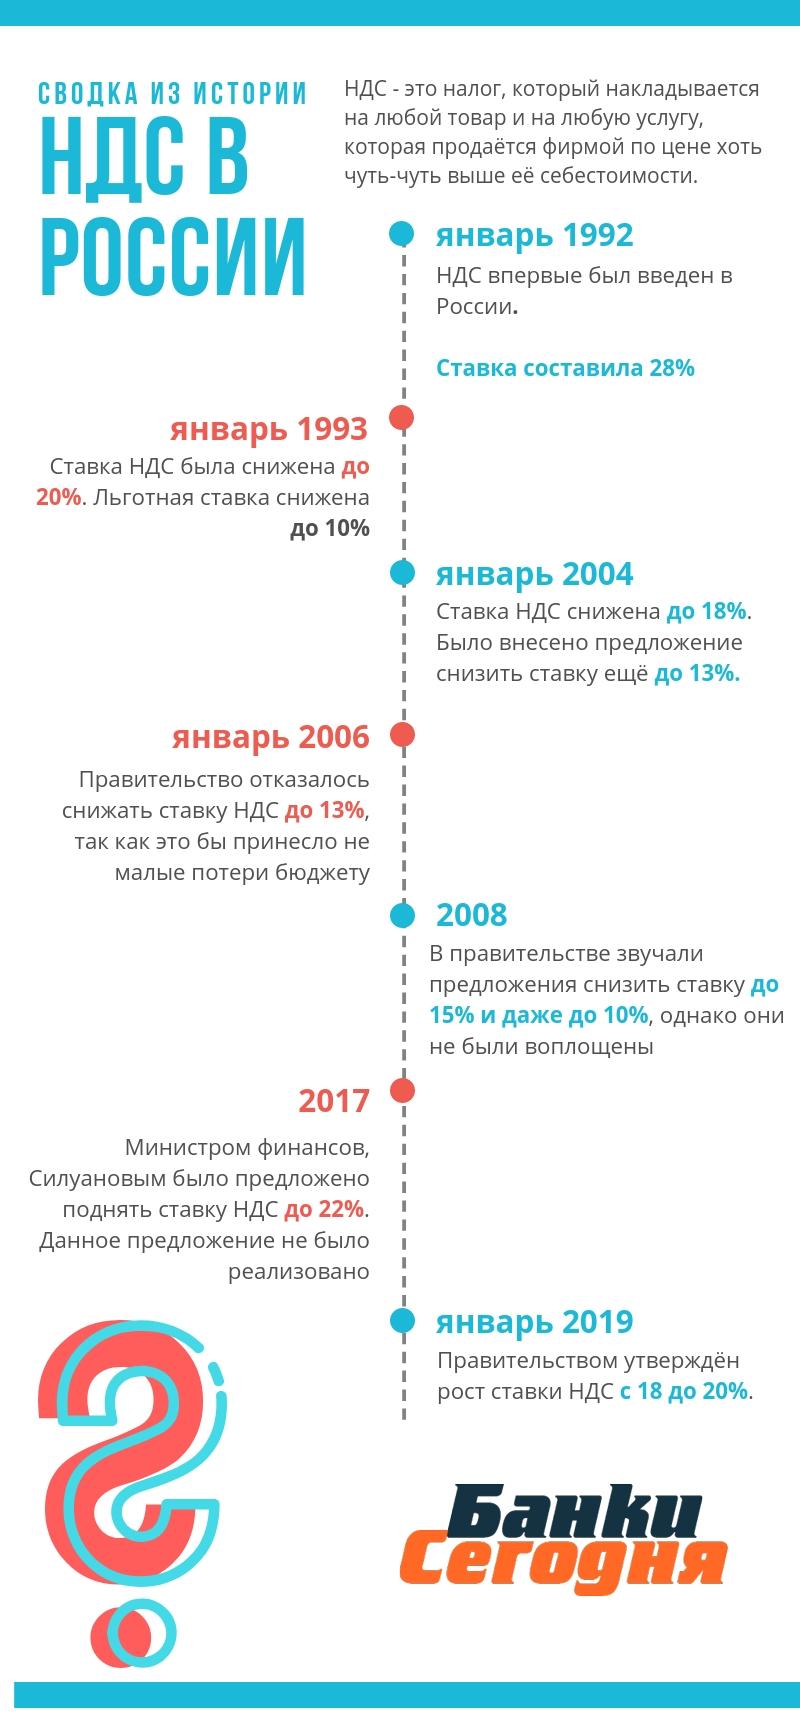 инфографика история изменения ставки НДС в россии